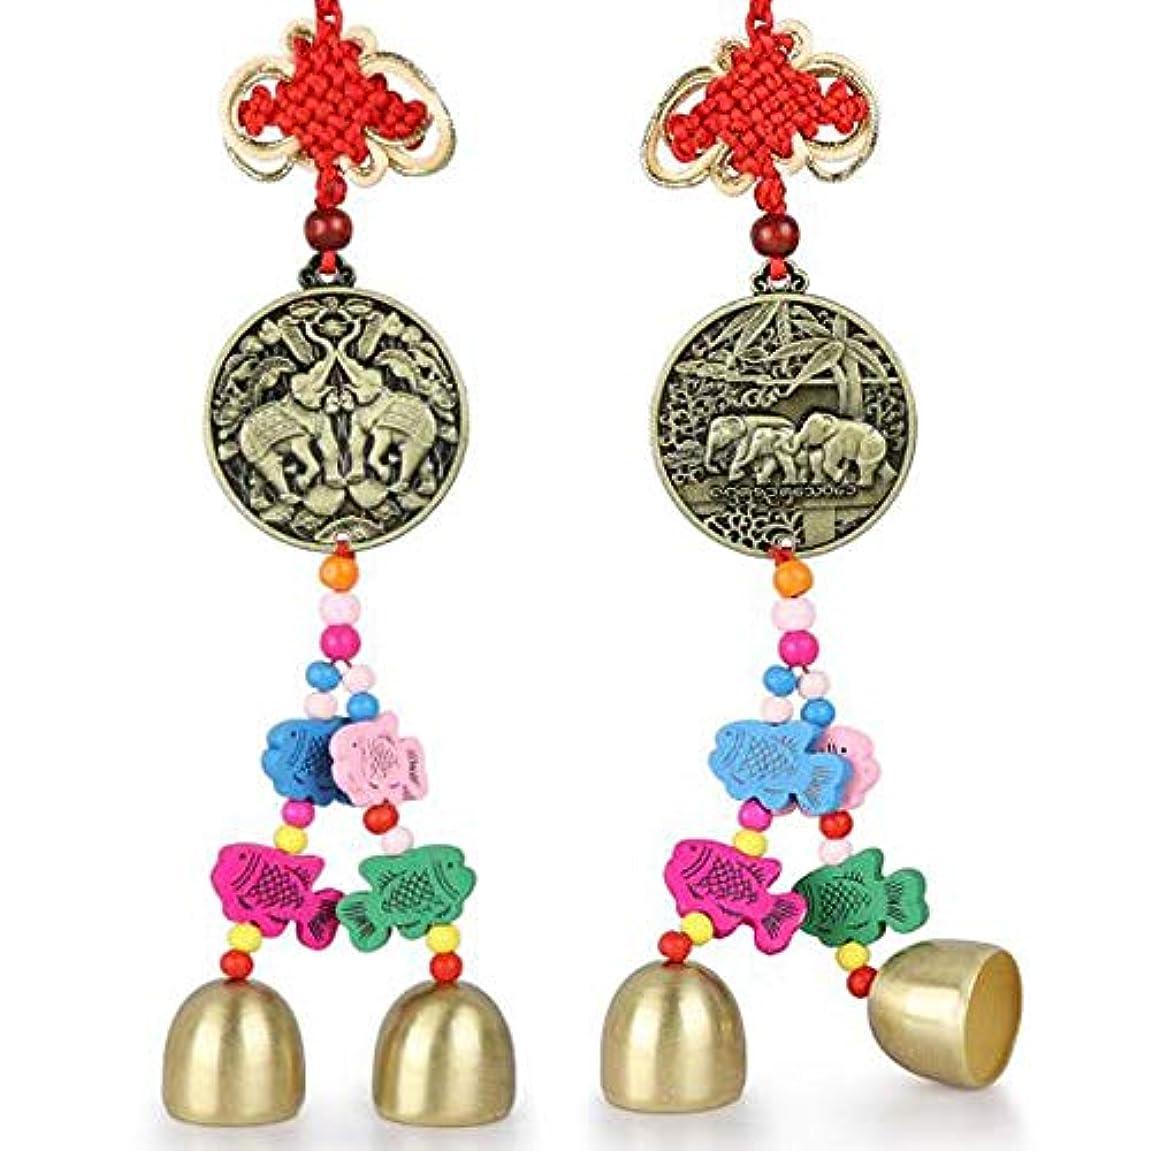 金額排泄する長くするJingfengtongxun 風チャイム、中国のノット銅鐘ホーム車の装飾、ゴールド、全長約31センチメートル,スタイリッシュなホリデーギフト (Color : B)